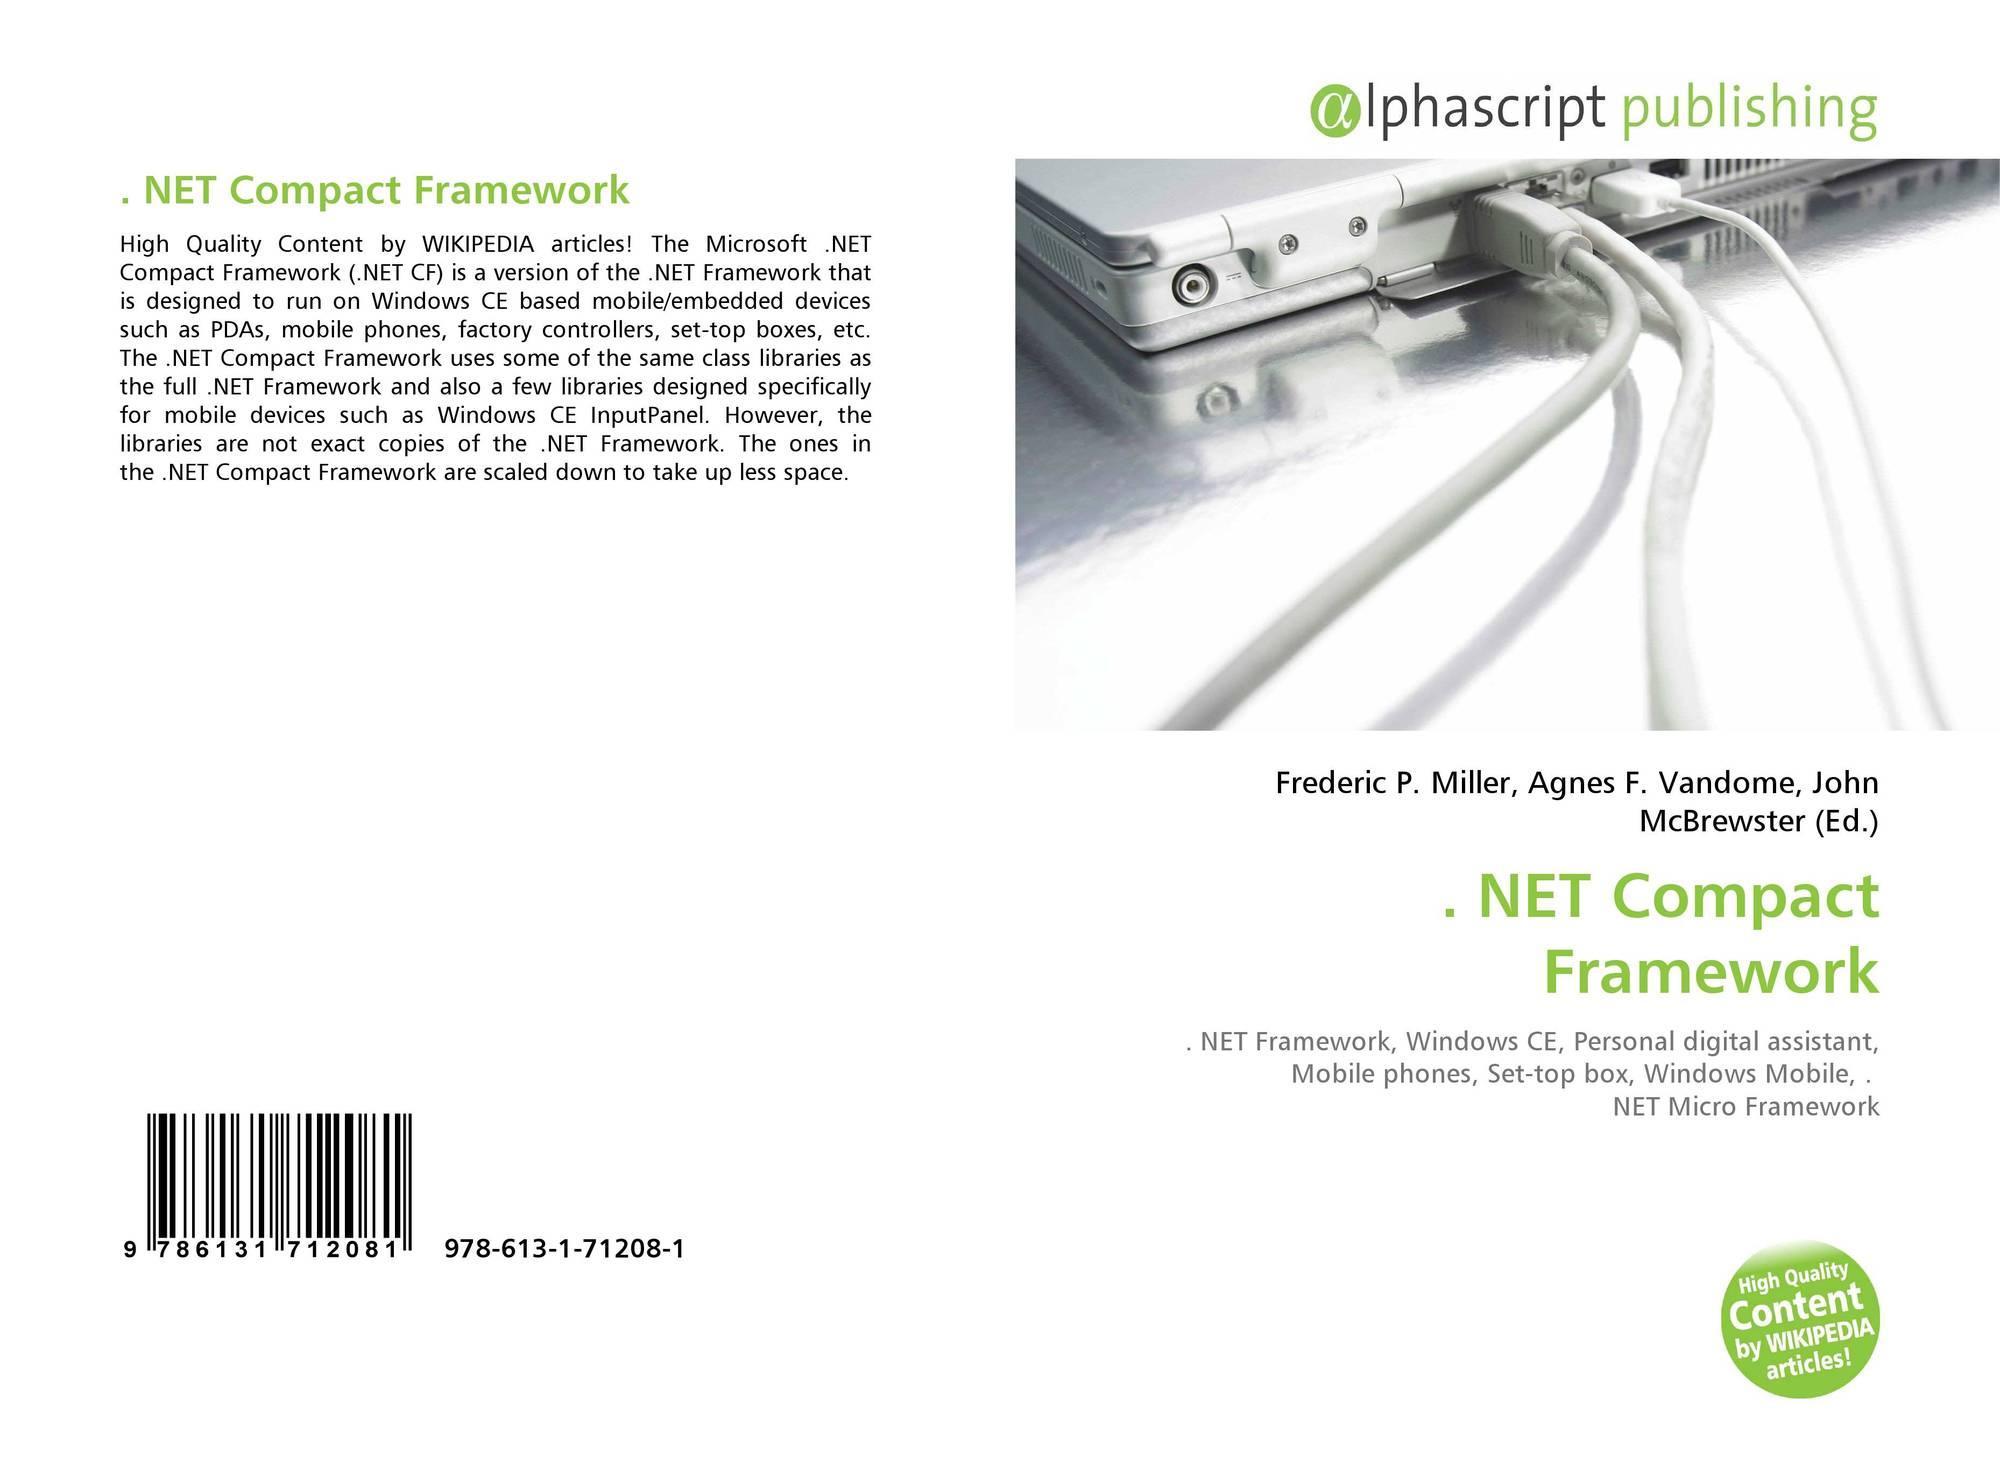 NET Compact Framework, 978-613-1-71208-1, 6131712085